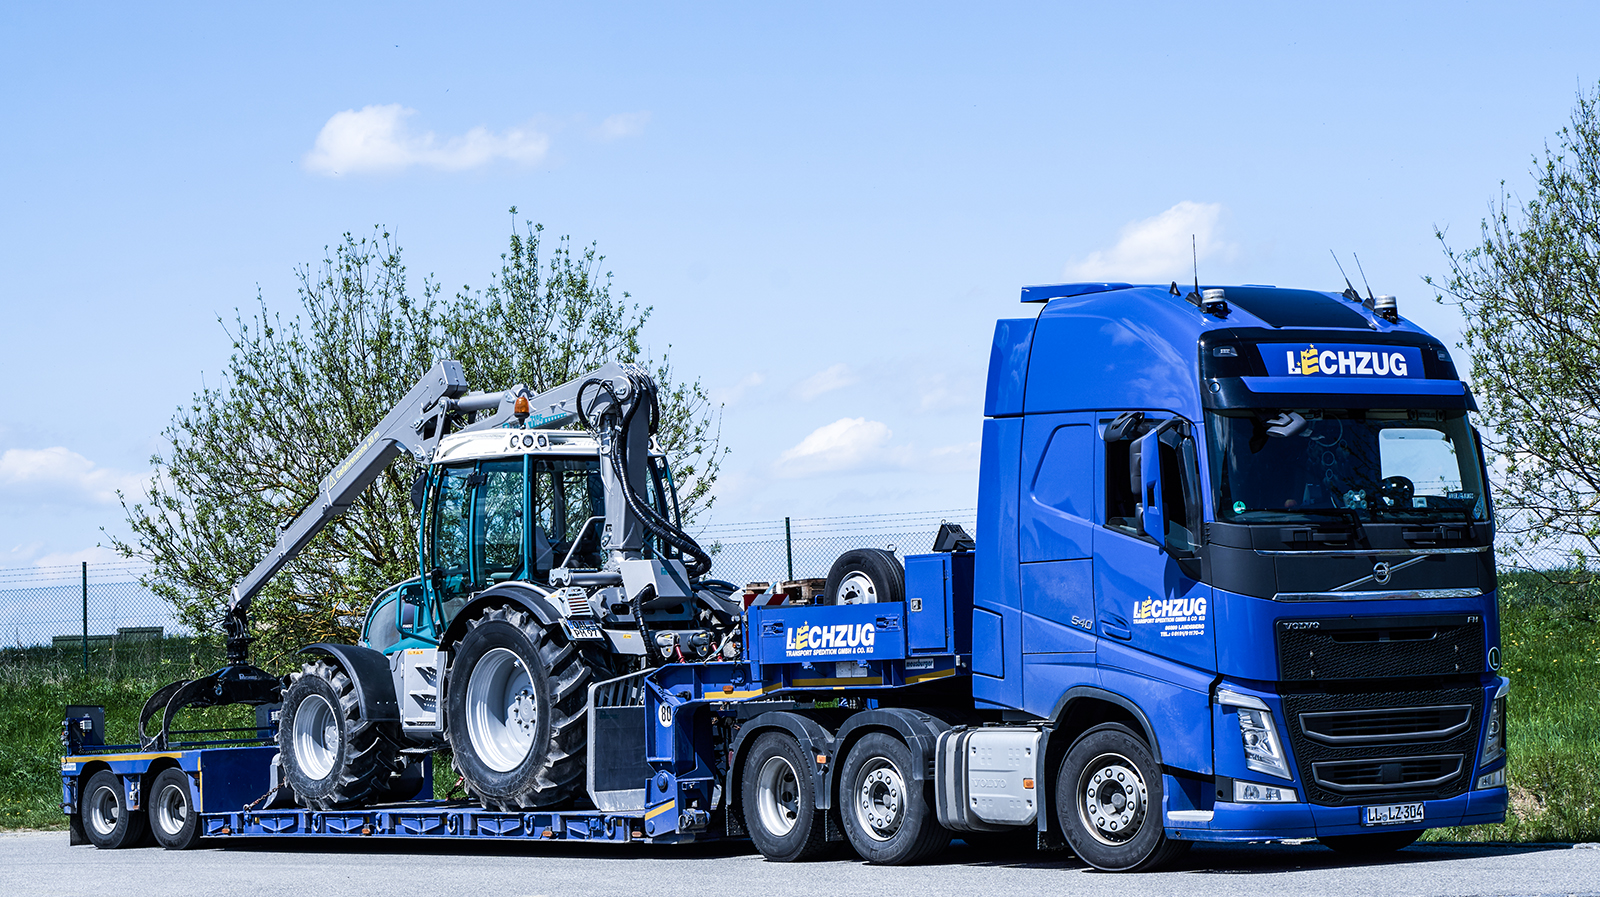 https://www.lechzug.de/wp-content/uploads/2015/09/Truck.jpg